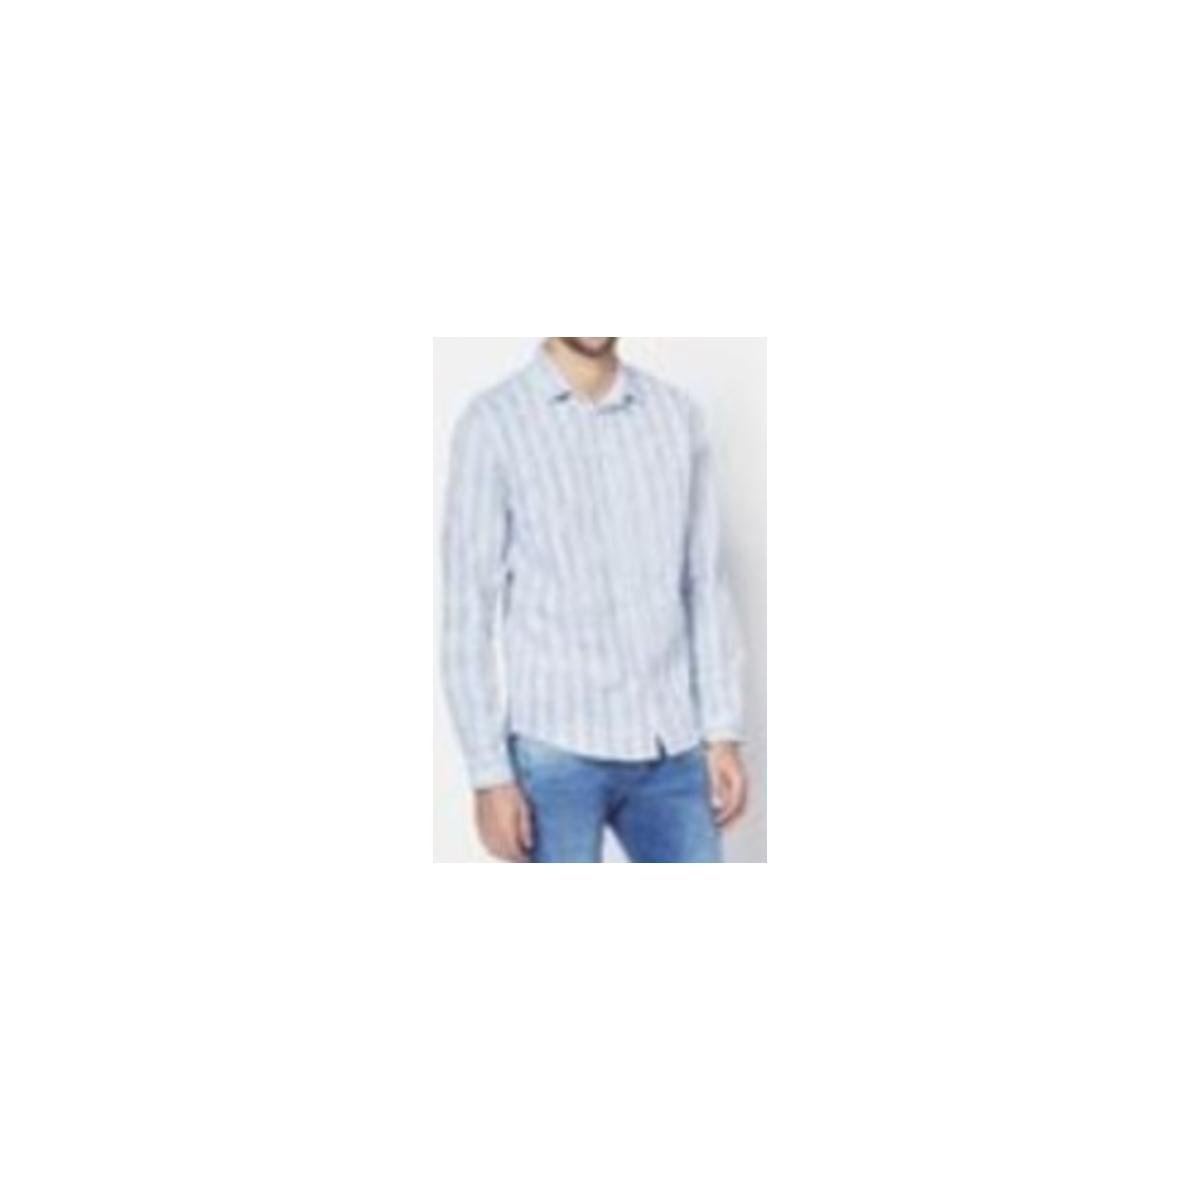 Camisa Masculina Colcci 310102965 Vc67 Azul/branco